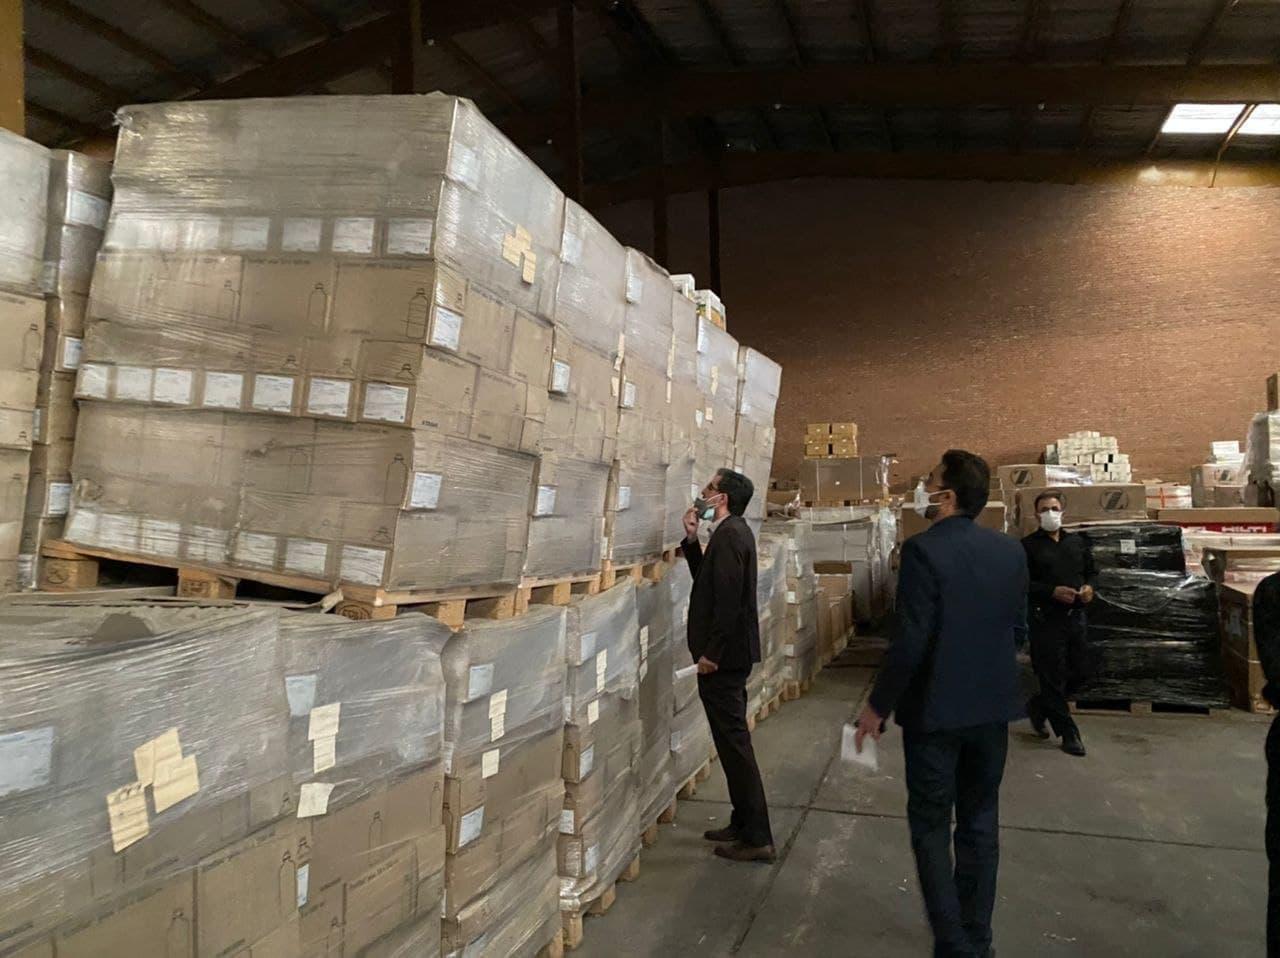 رسوب ۵۰۰ هزار عدد سرم در گمرک تهران